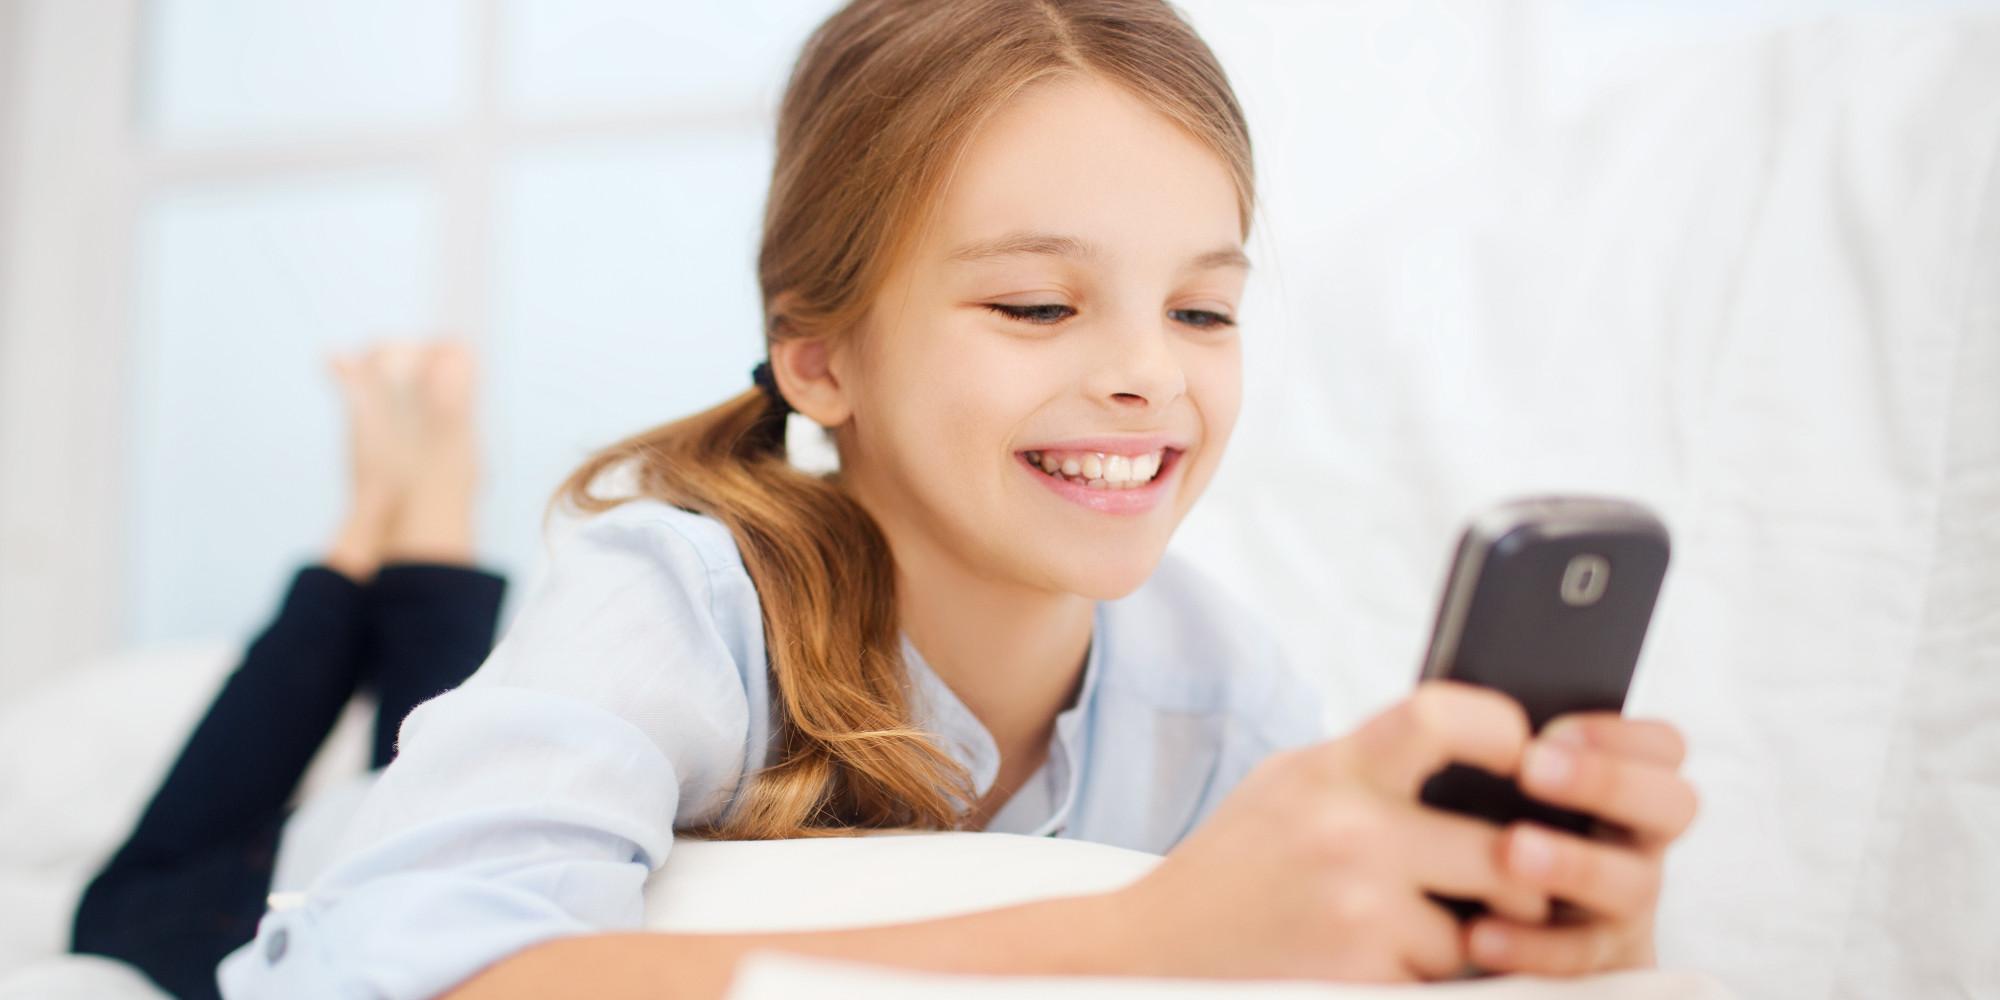 6 додатків, які допоможуть контролювати час перебування дитини в смартфоні